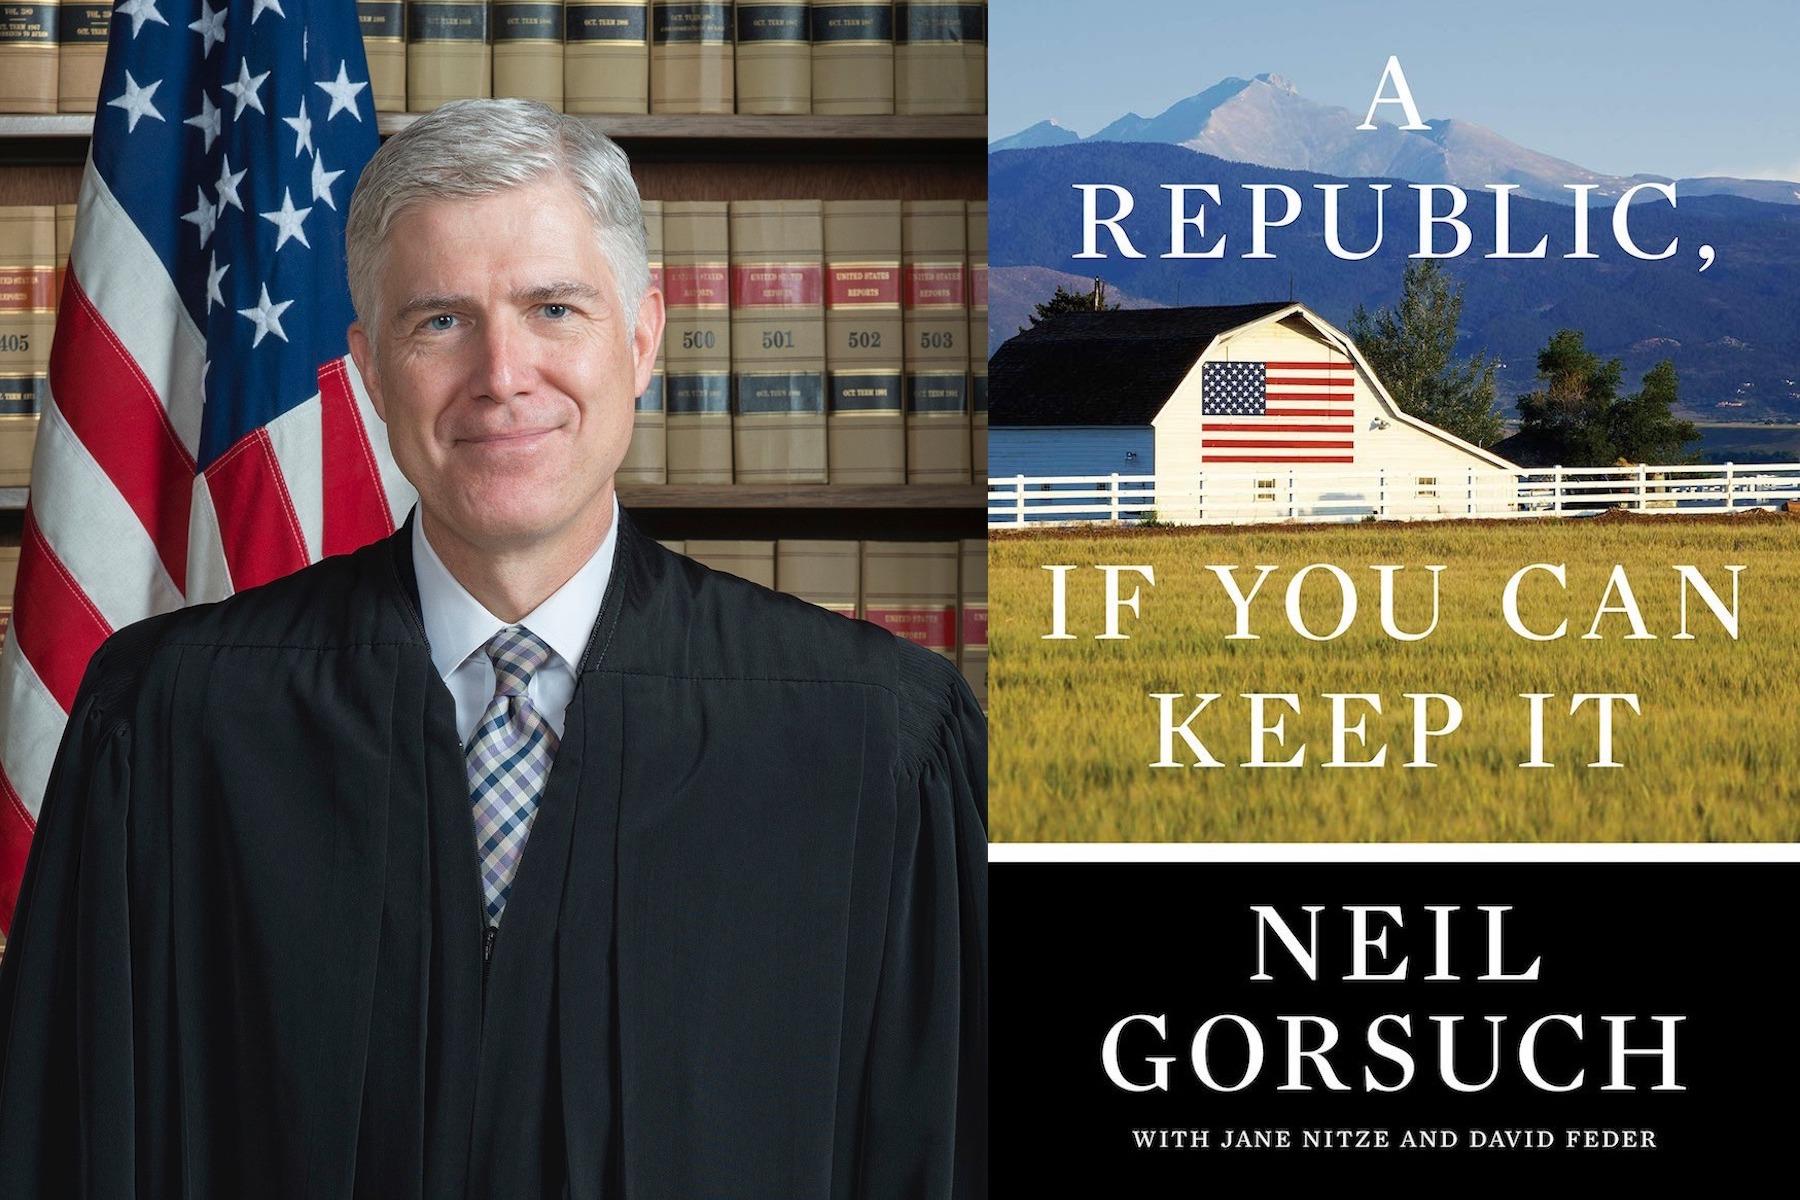 Justice Gorsuch Book Touts Scalia's Views and Civility in the Trump Era